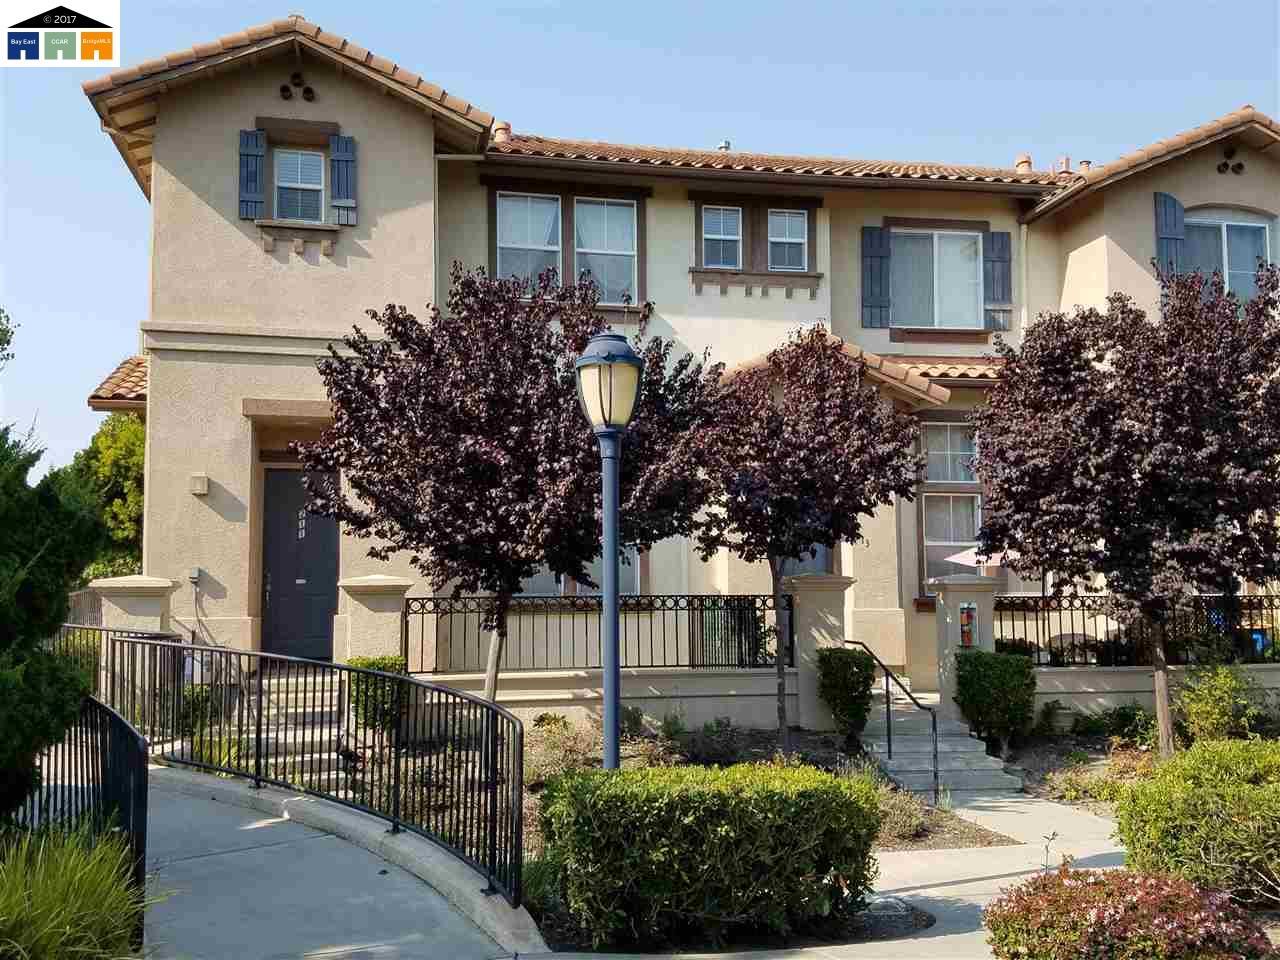 一戸建て のために 売買 アット 211 Santa Barbara Street 211 Santa Barbara Street San Pablo, カリフォルニア 94806 アメリカ合衆国